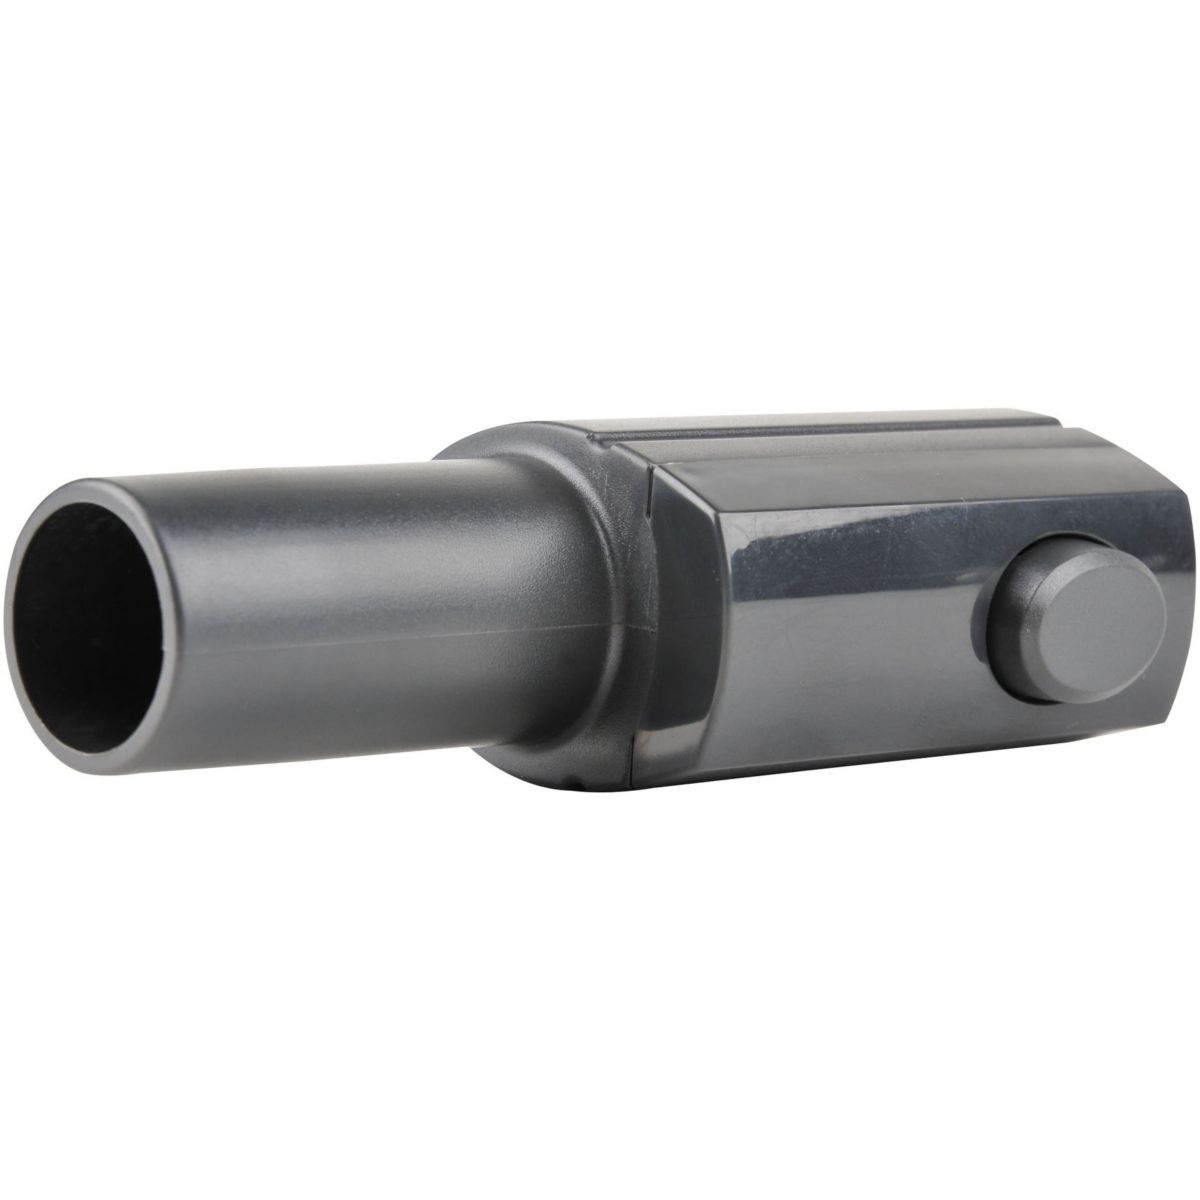 Adaptateur aspirateur electrolux ze 050 (32 mm) - 20% de remise imm�diate avec le code : wd20 (photo)